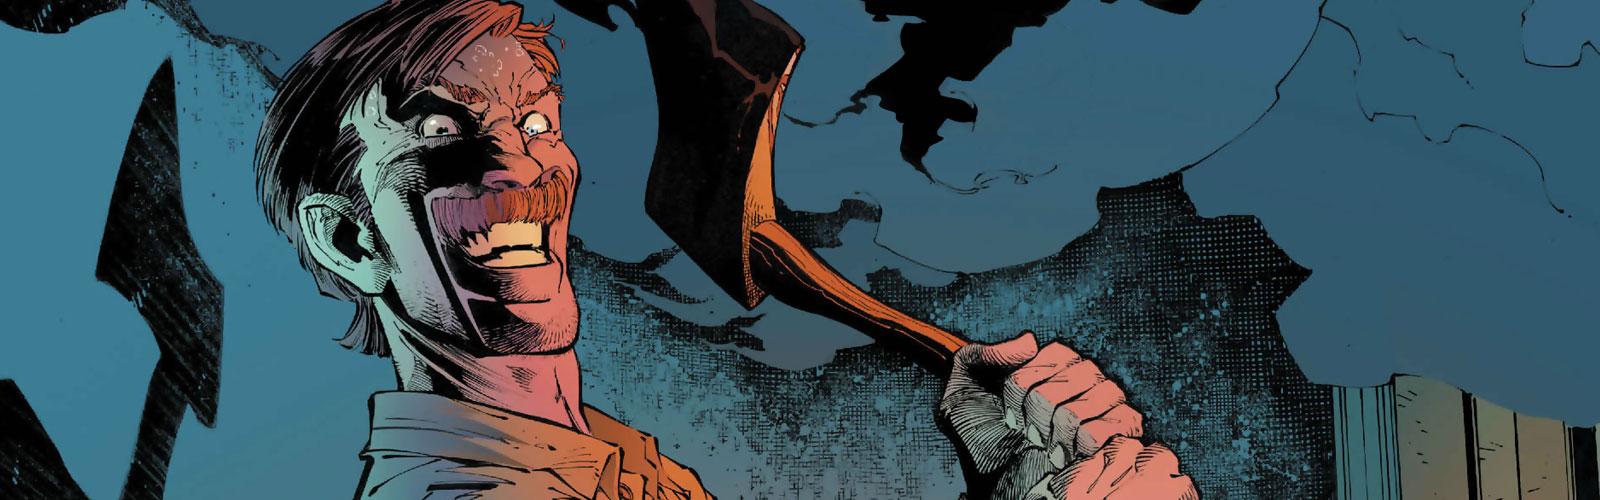 New Releases - 28-01-15: Batman #38